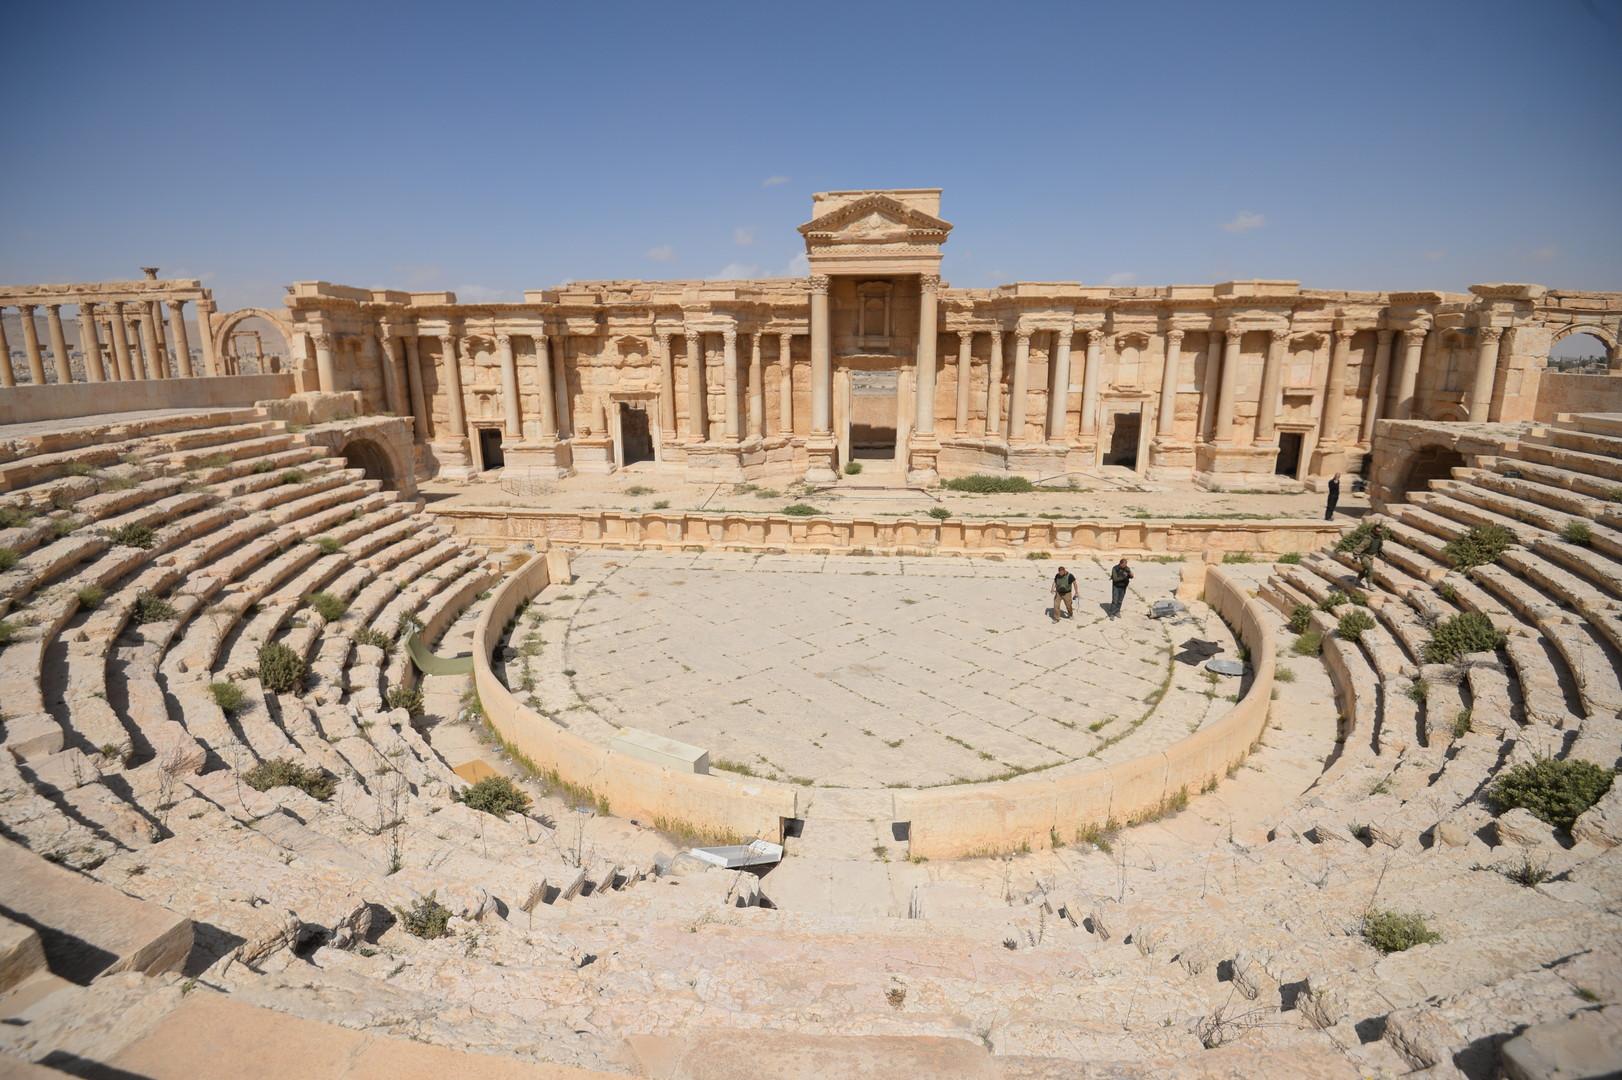 Palmyre : les premières images de la cité antique arrachée à Daesh (PHOTOS, VIDEO)